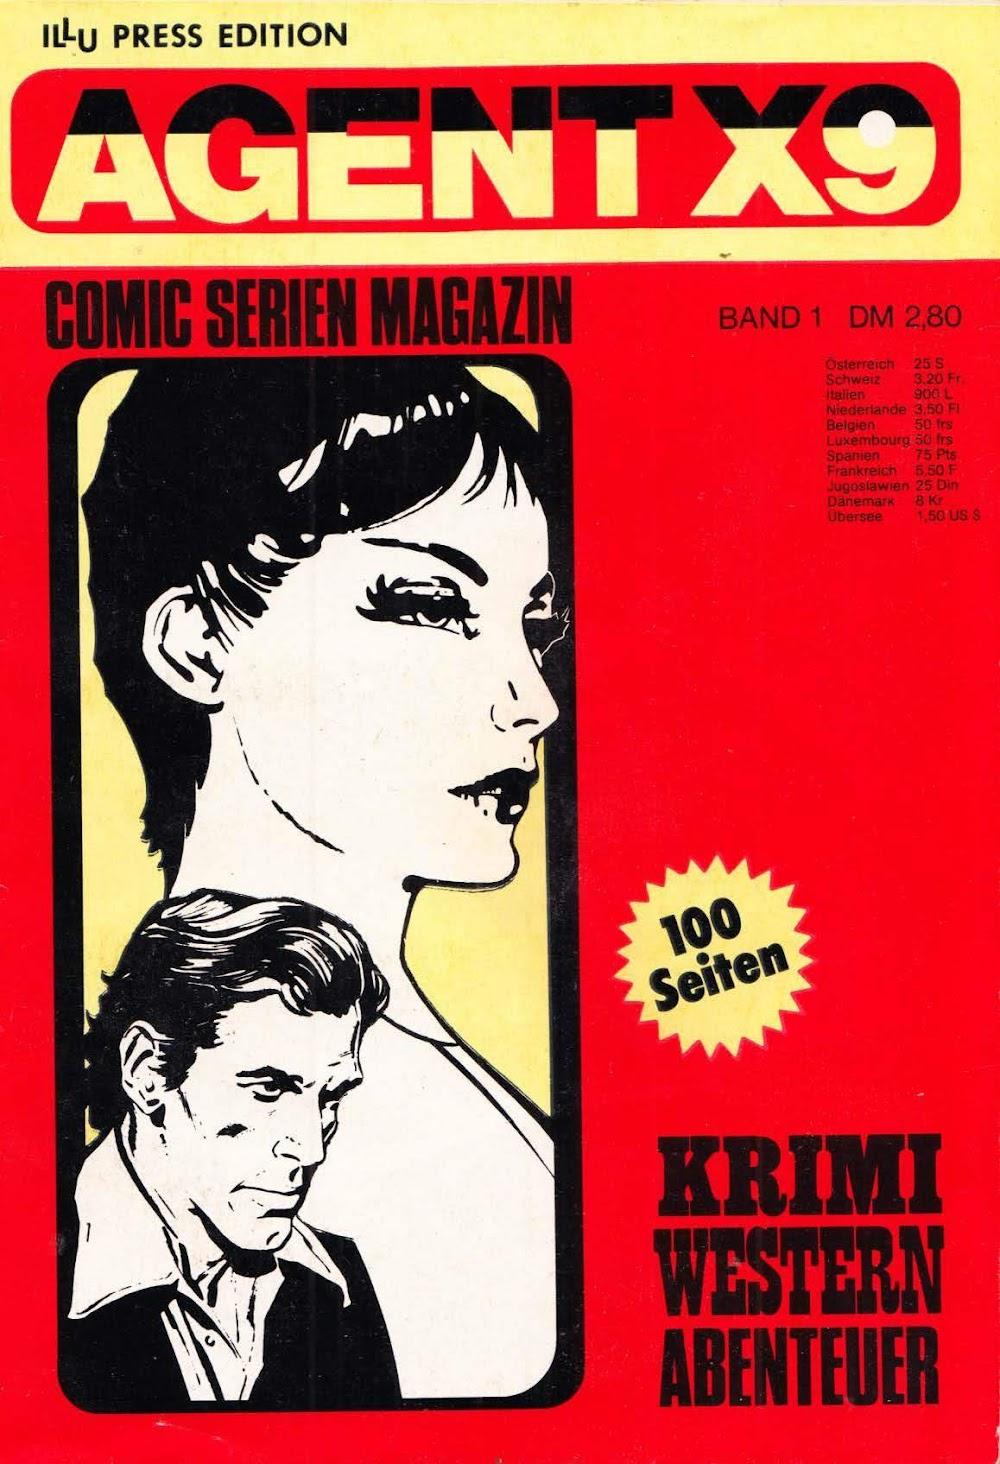 Agent X9 (1976) - komplett